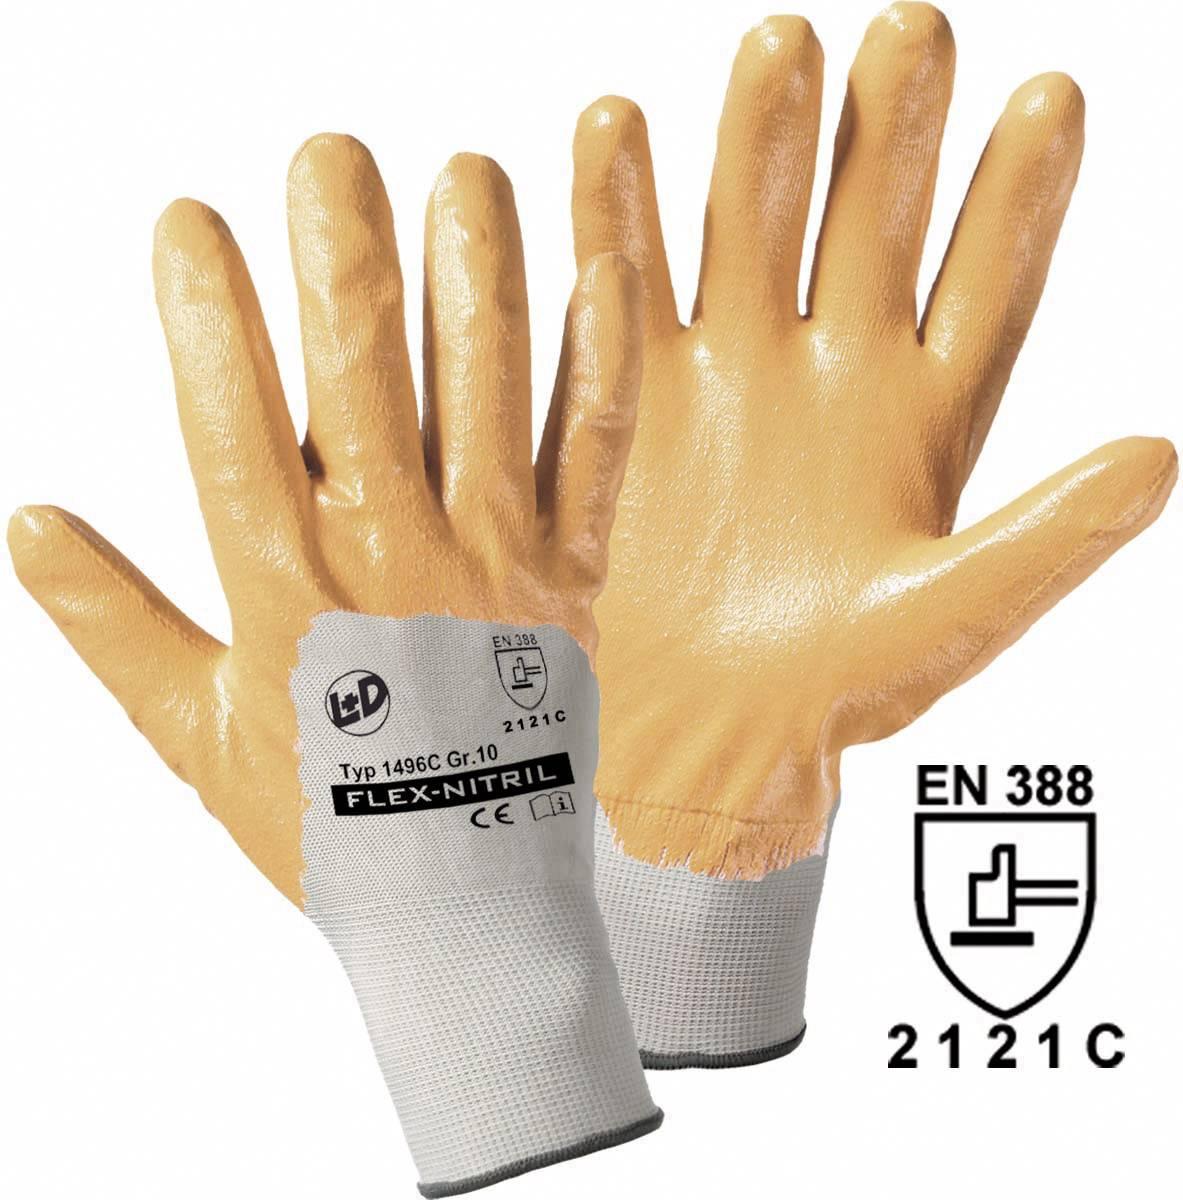 Pracovné rukavice worky Flex-Nitril 1496C, veľkosť rukavíc 7, S